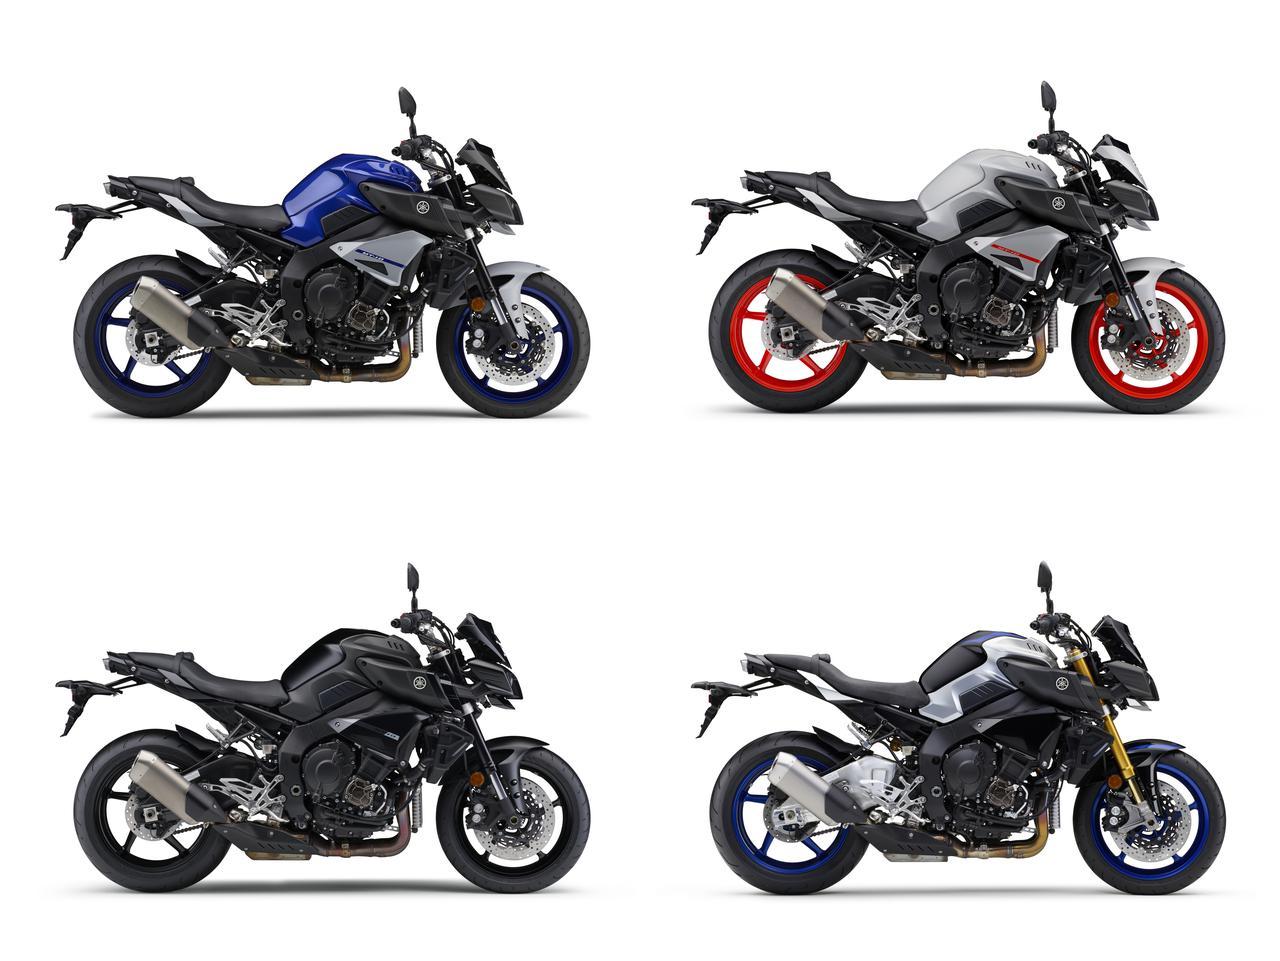 """画像17: 【新車】ヤマハ「MT-10 ABS」の2020年モデルが5月28日に発売! 4気筒エンジンを搭載する""""THE KING OF MT""""にブルーが新登場!"""